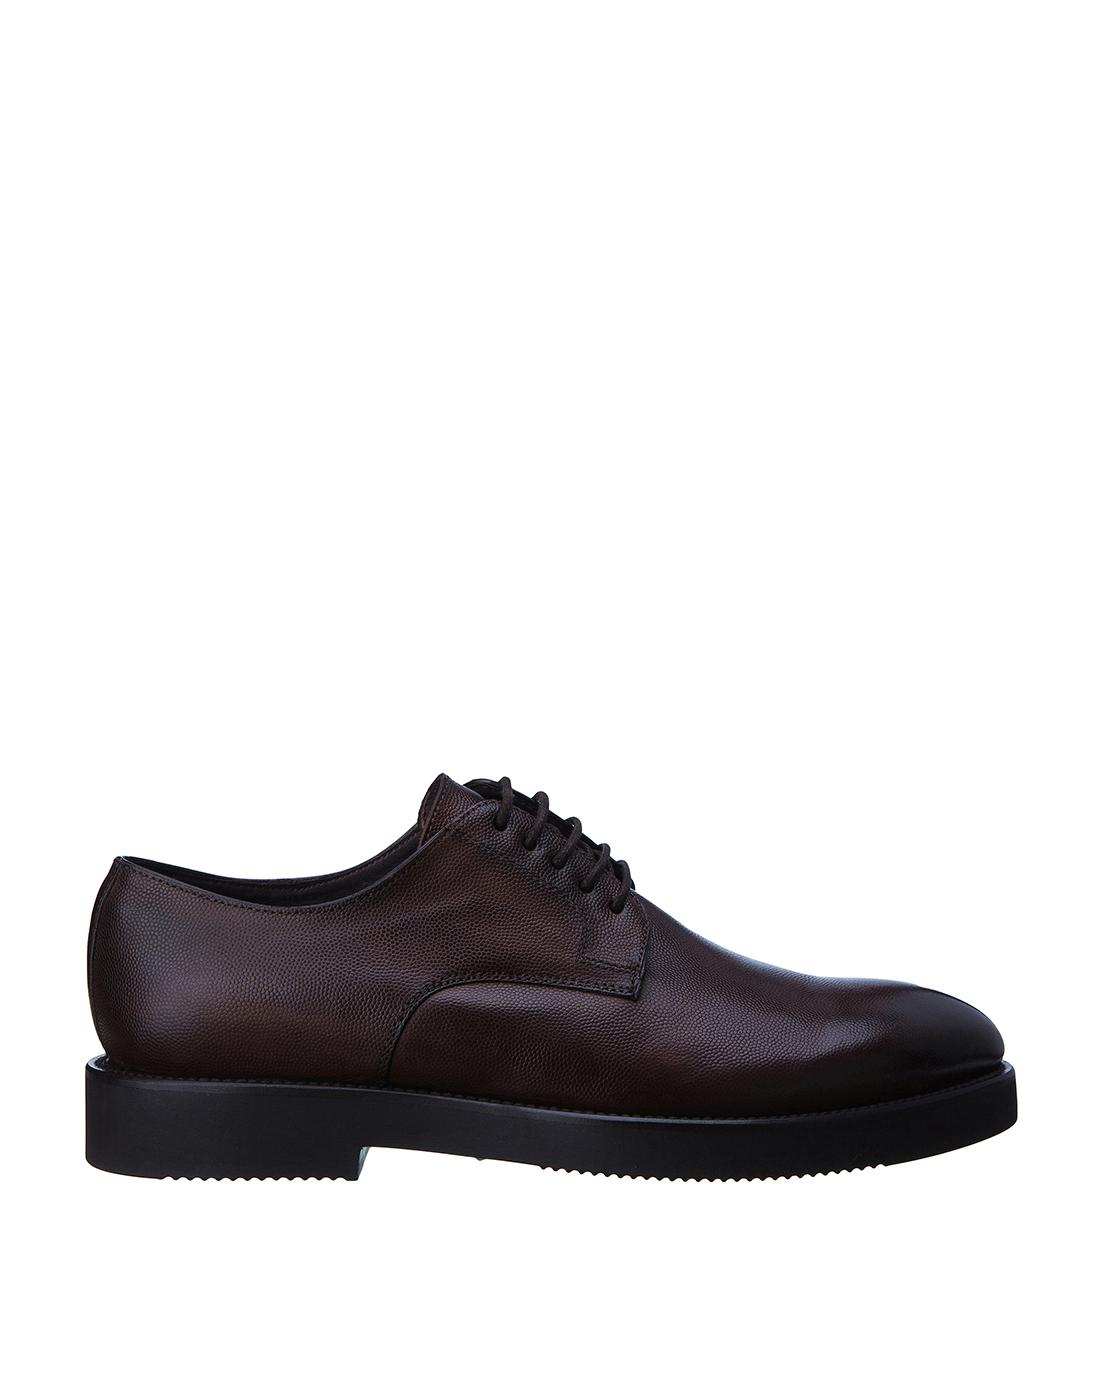 Туфли коричневые мужские Brecos S8109-1